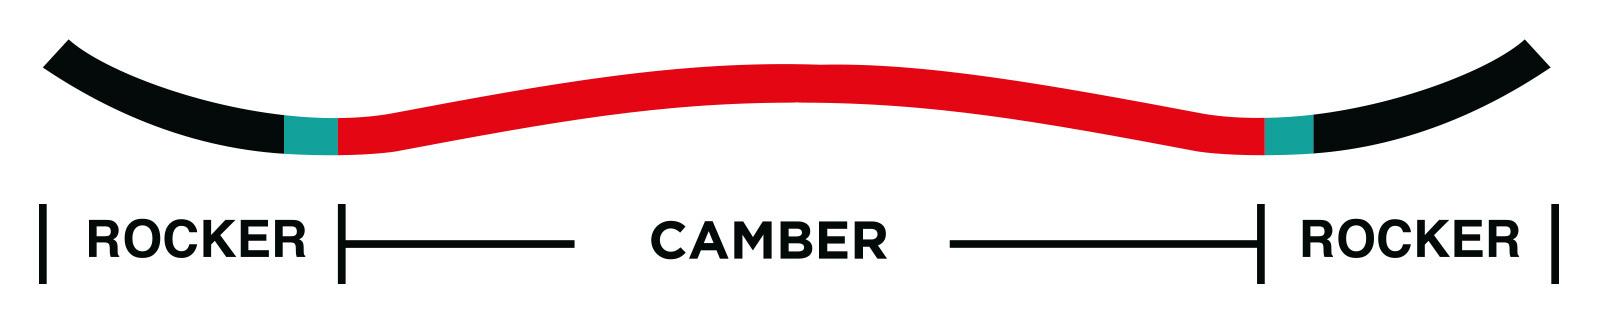 Fusion Camber Profile - Rome Snowboards